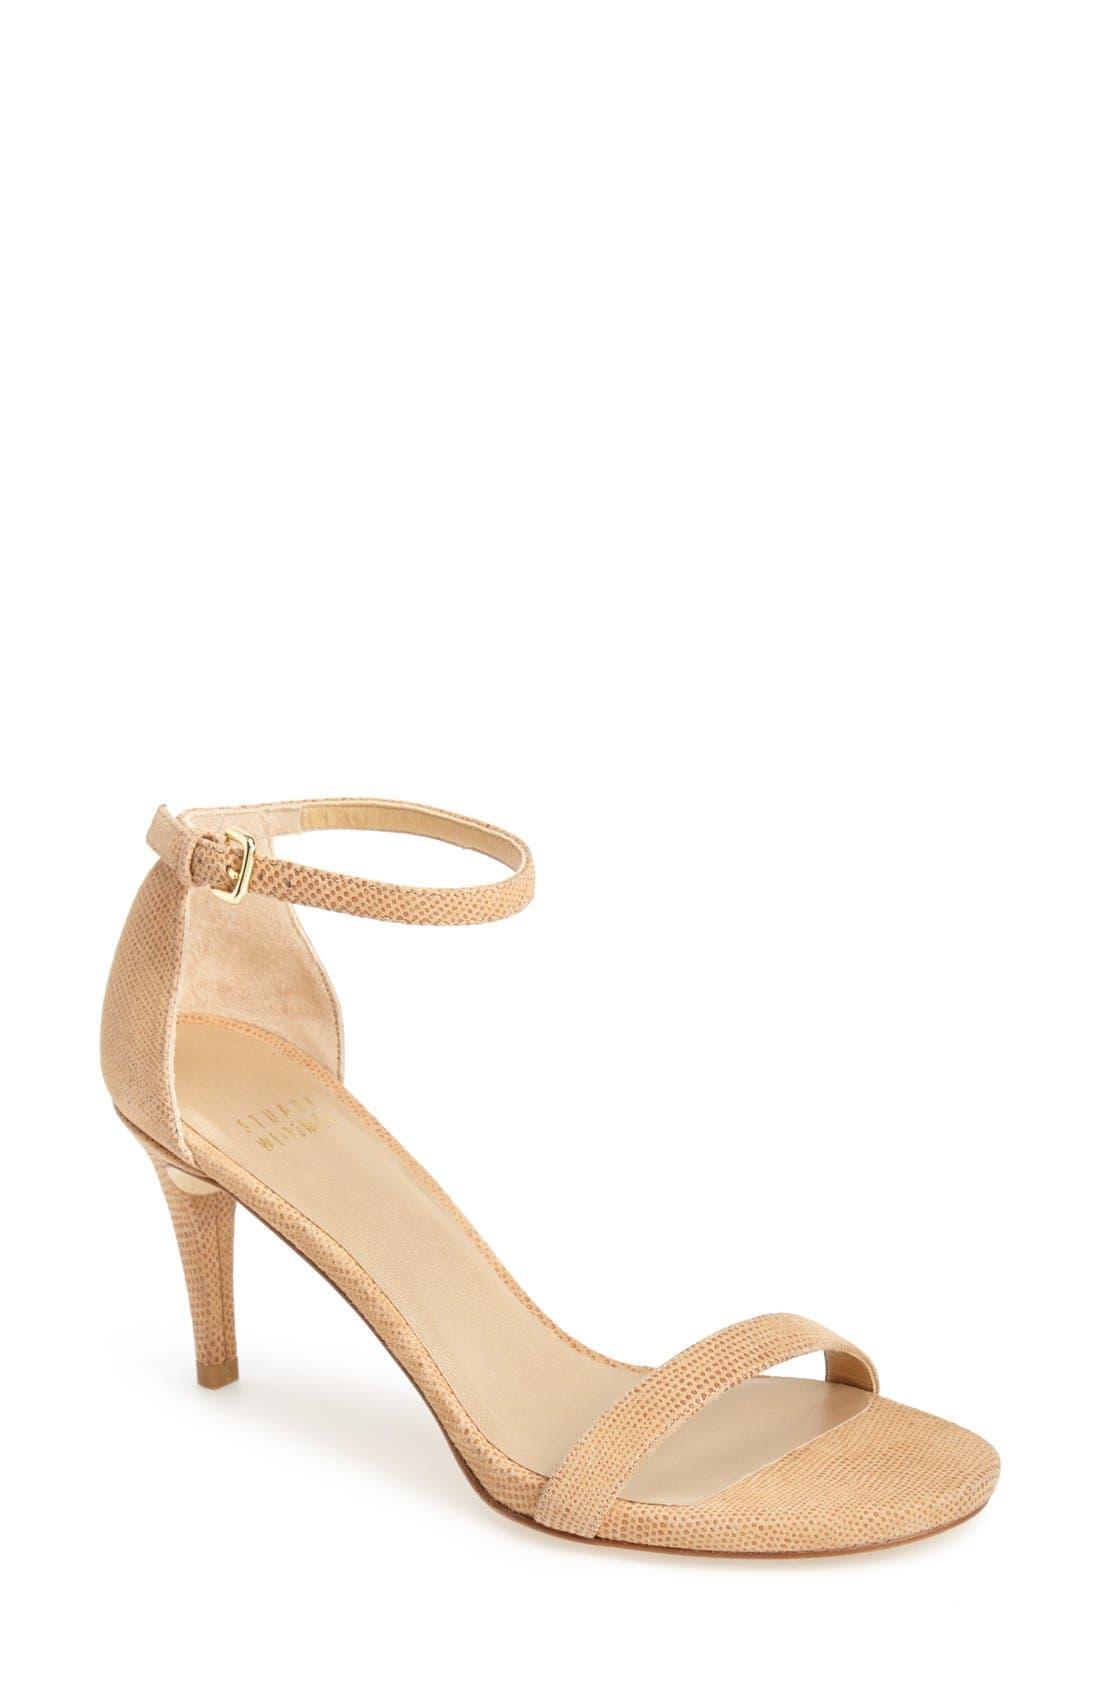 Main Image - Stuart Weitzman 'Nunaked' Leather Ankle Strap Sandal (Women)